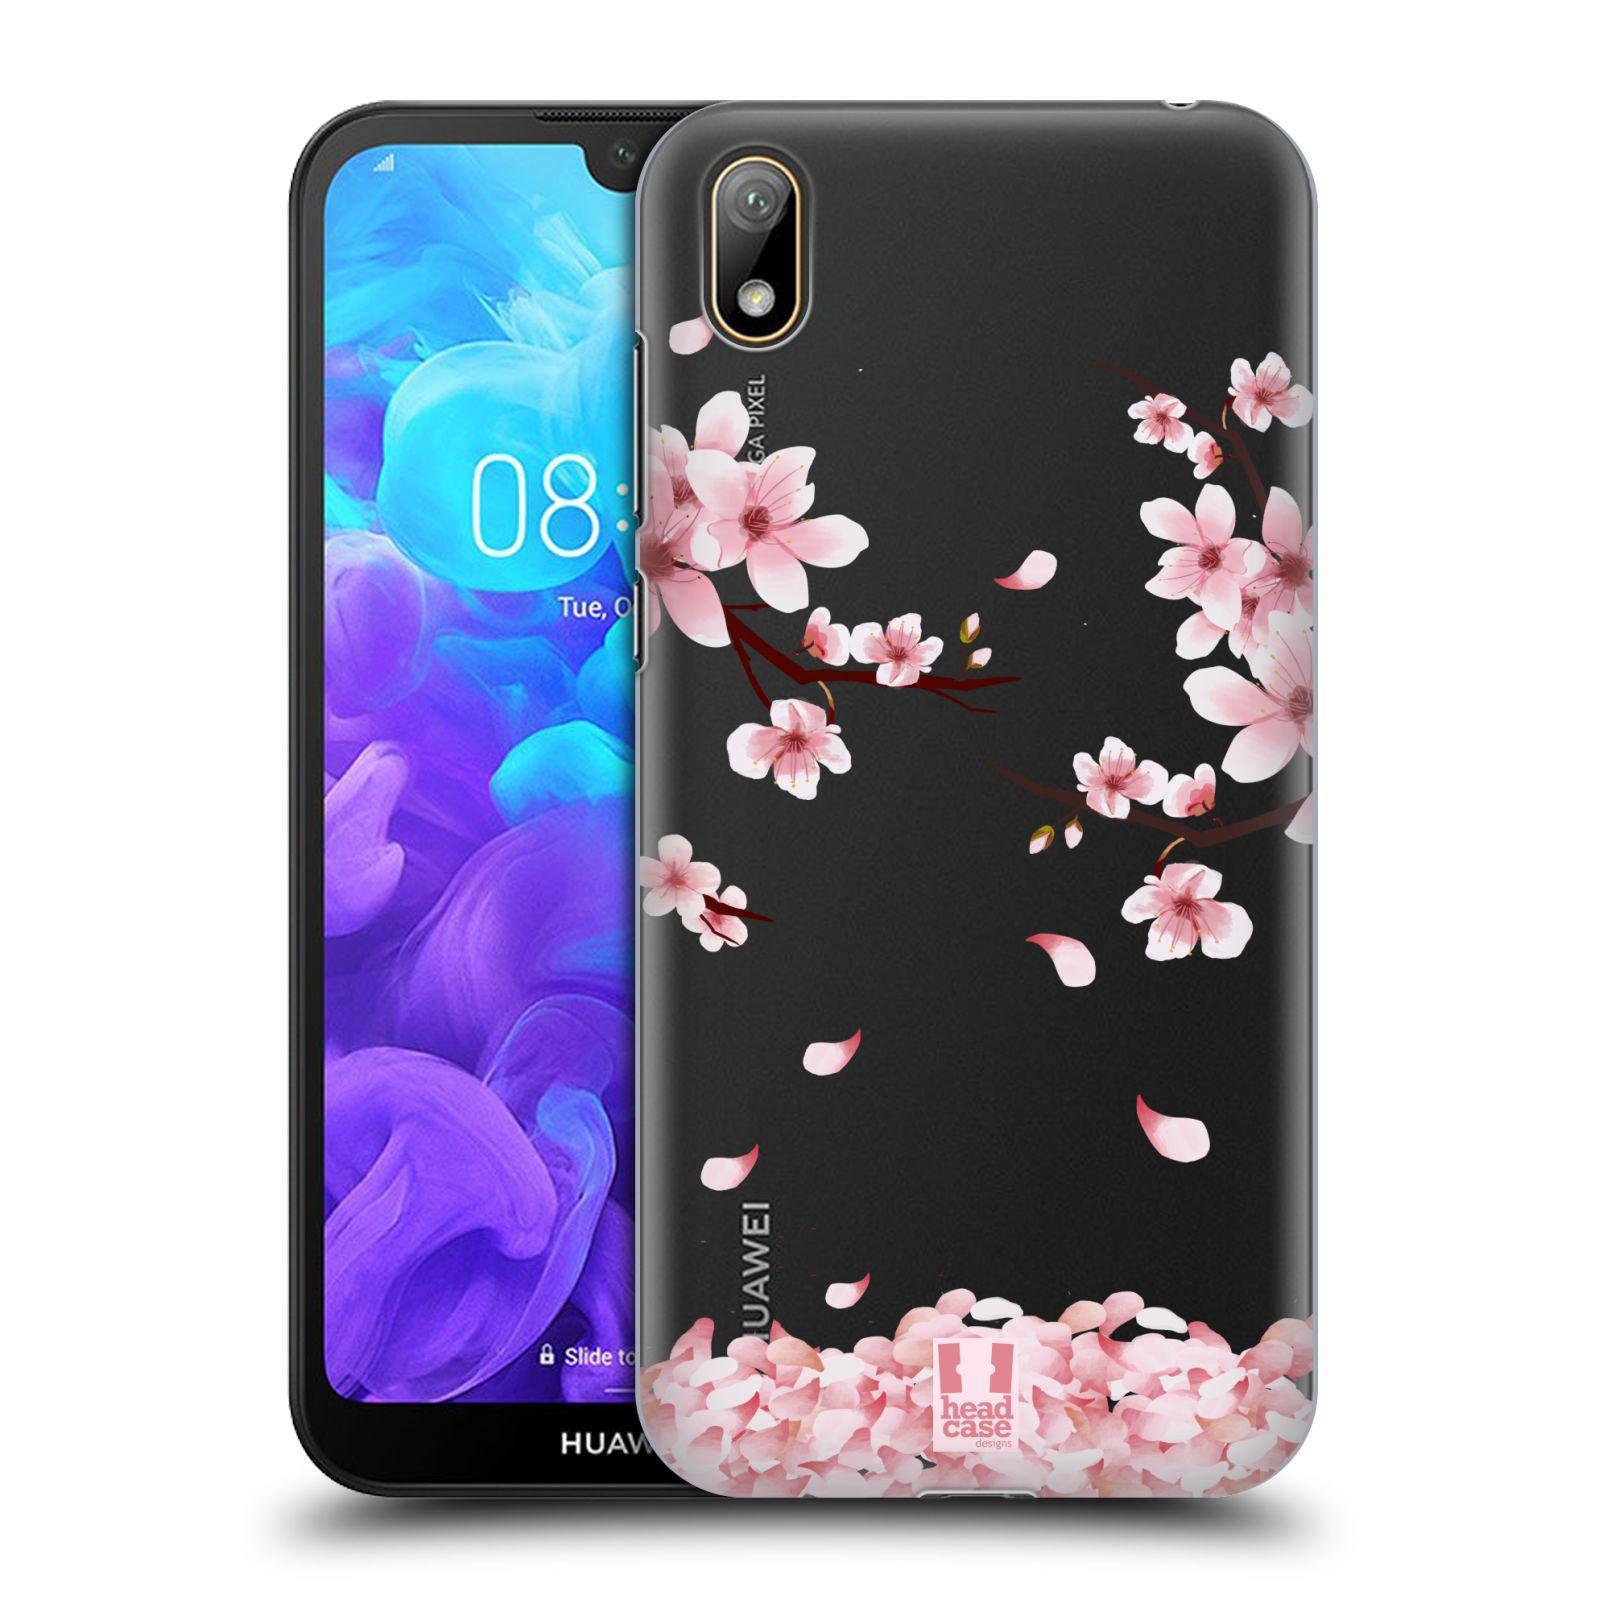 Plastové pouzdro na mobil Honor 8S - Head Case - Květy a větvičky